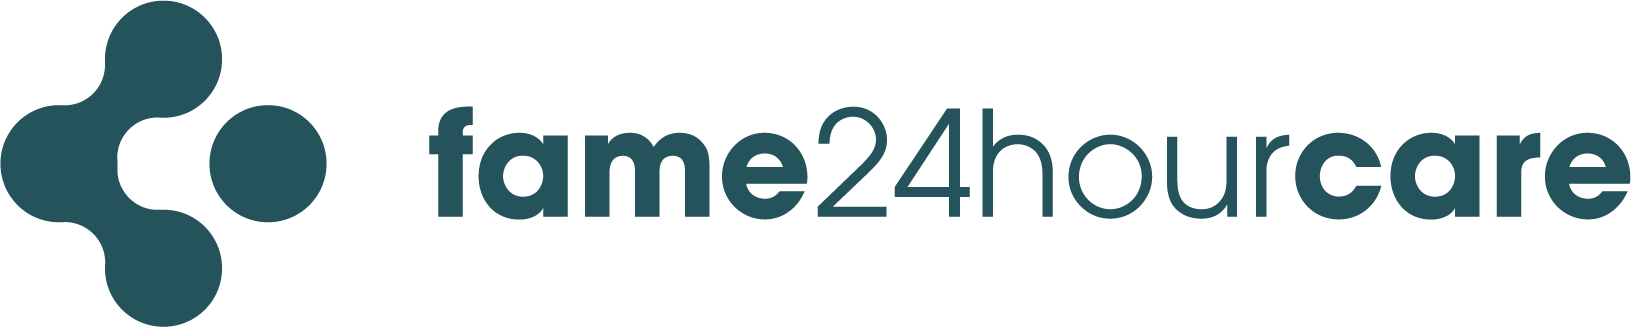 Fame24HourCare